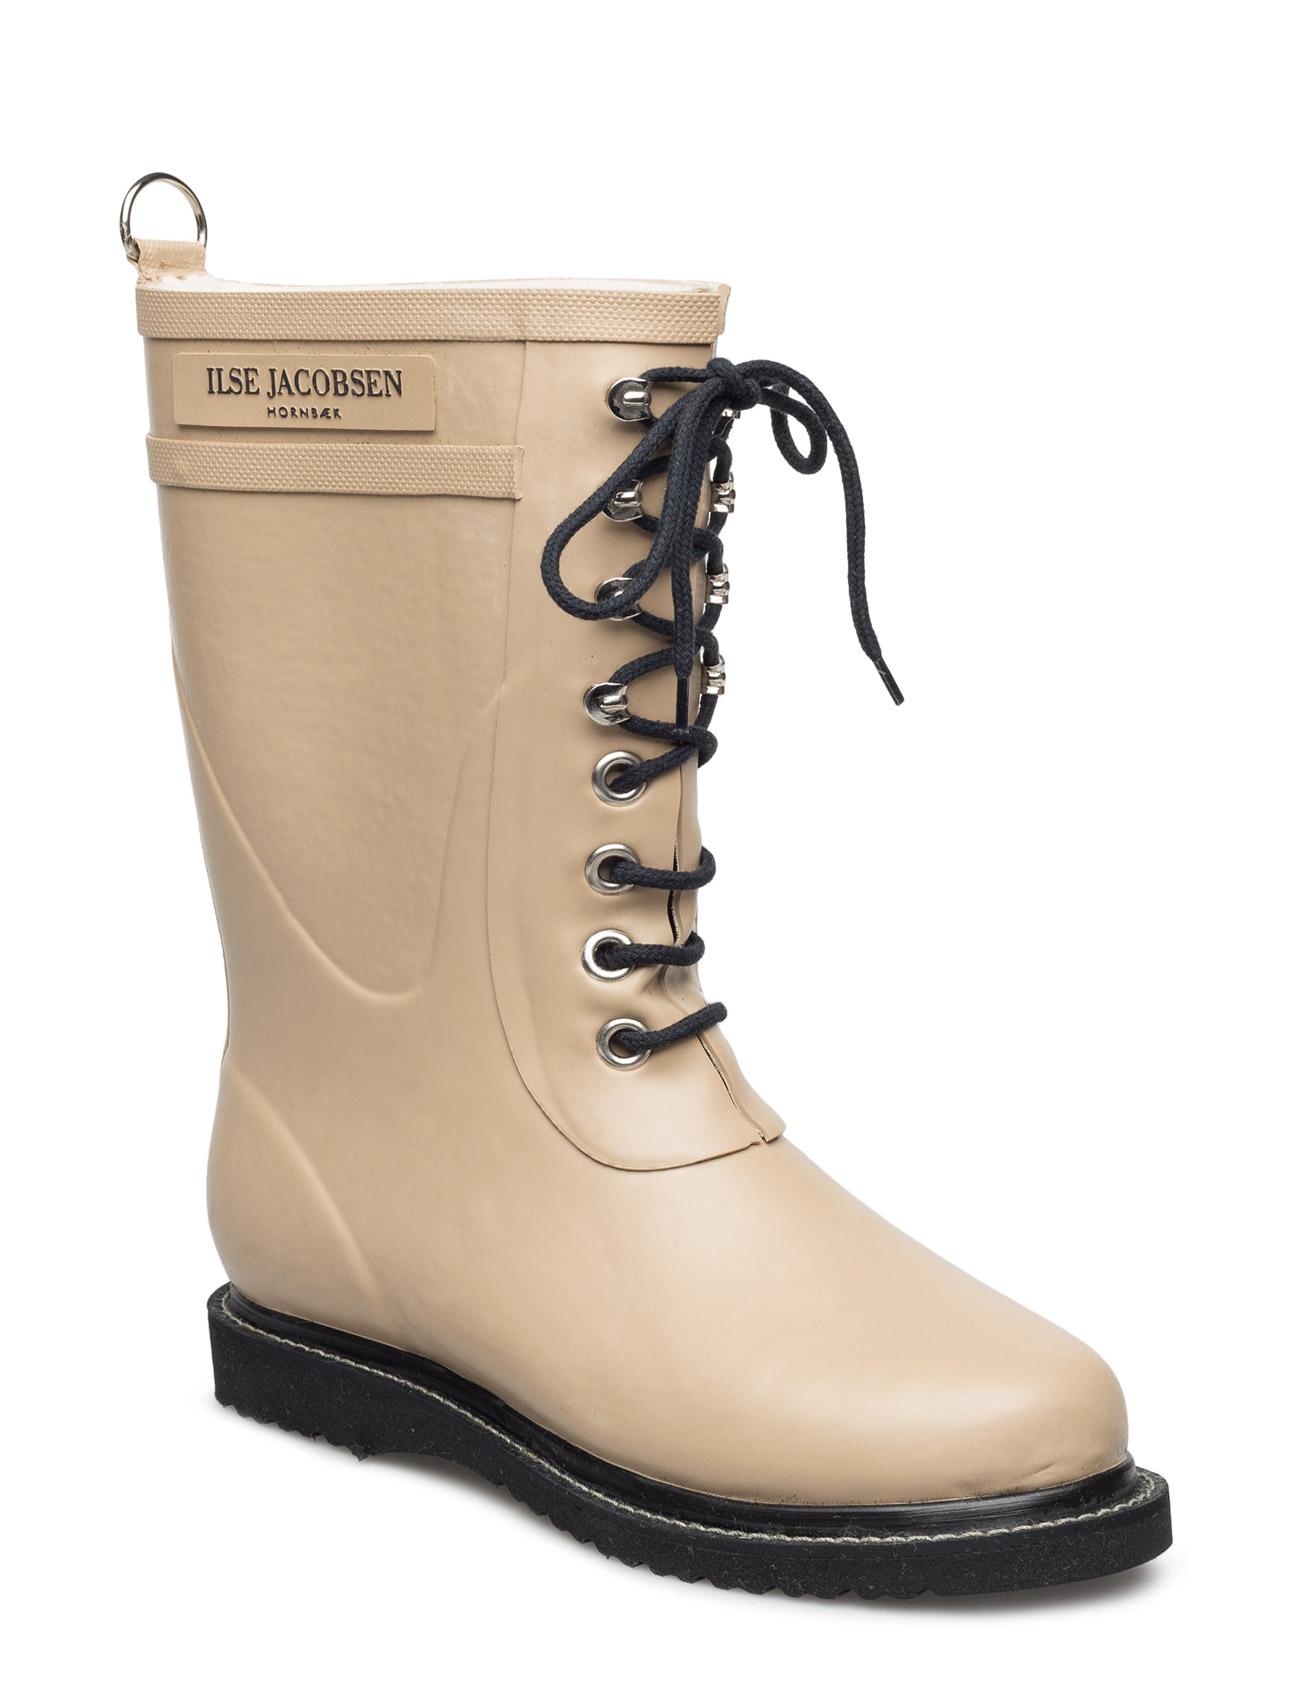 Rain Boot - Mid Calf, Classic With Laces Ilse Jacobsen Støvler til Damer i Kamel